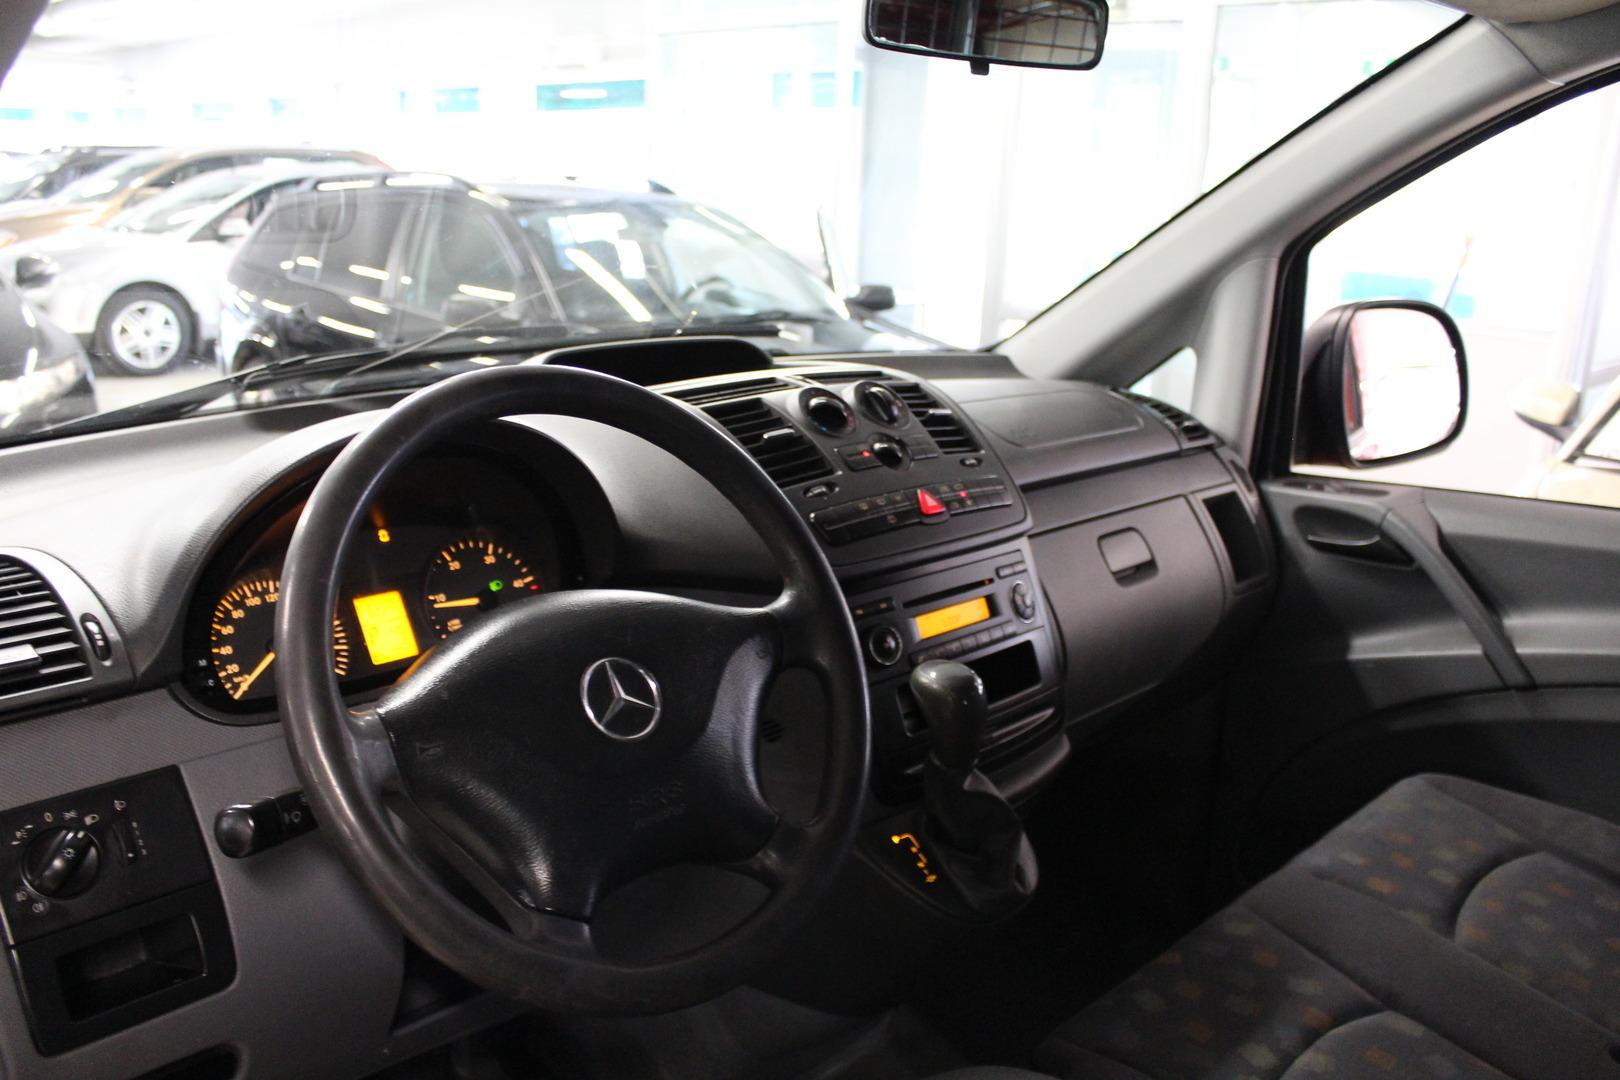 Mercedes-Benz Vito, 111 CDI Automaatti. Keskipitkä #Tuplaikkunoin!